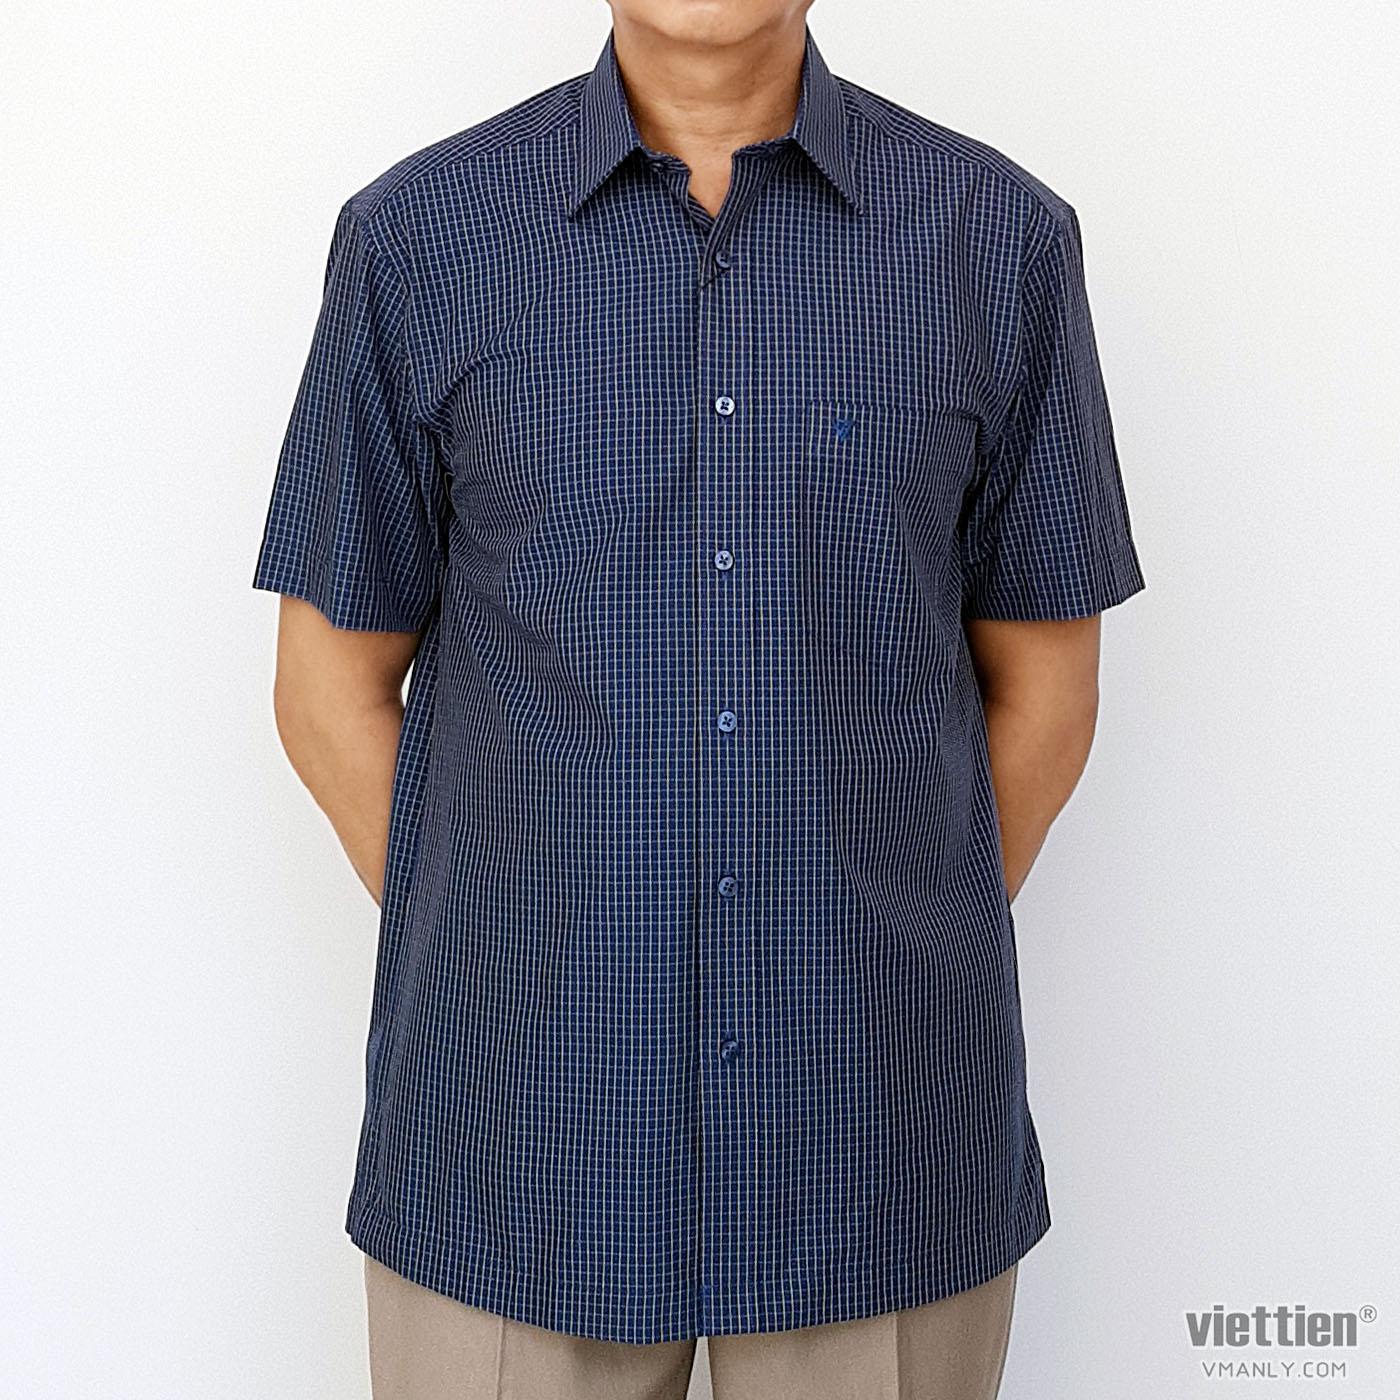 Áo sơ mi nam ngắn tay Việt Tiến màu xanh kẻ ca rô 1N2249